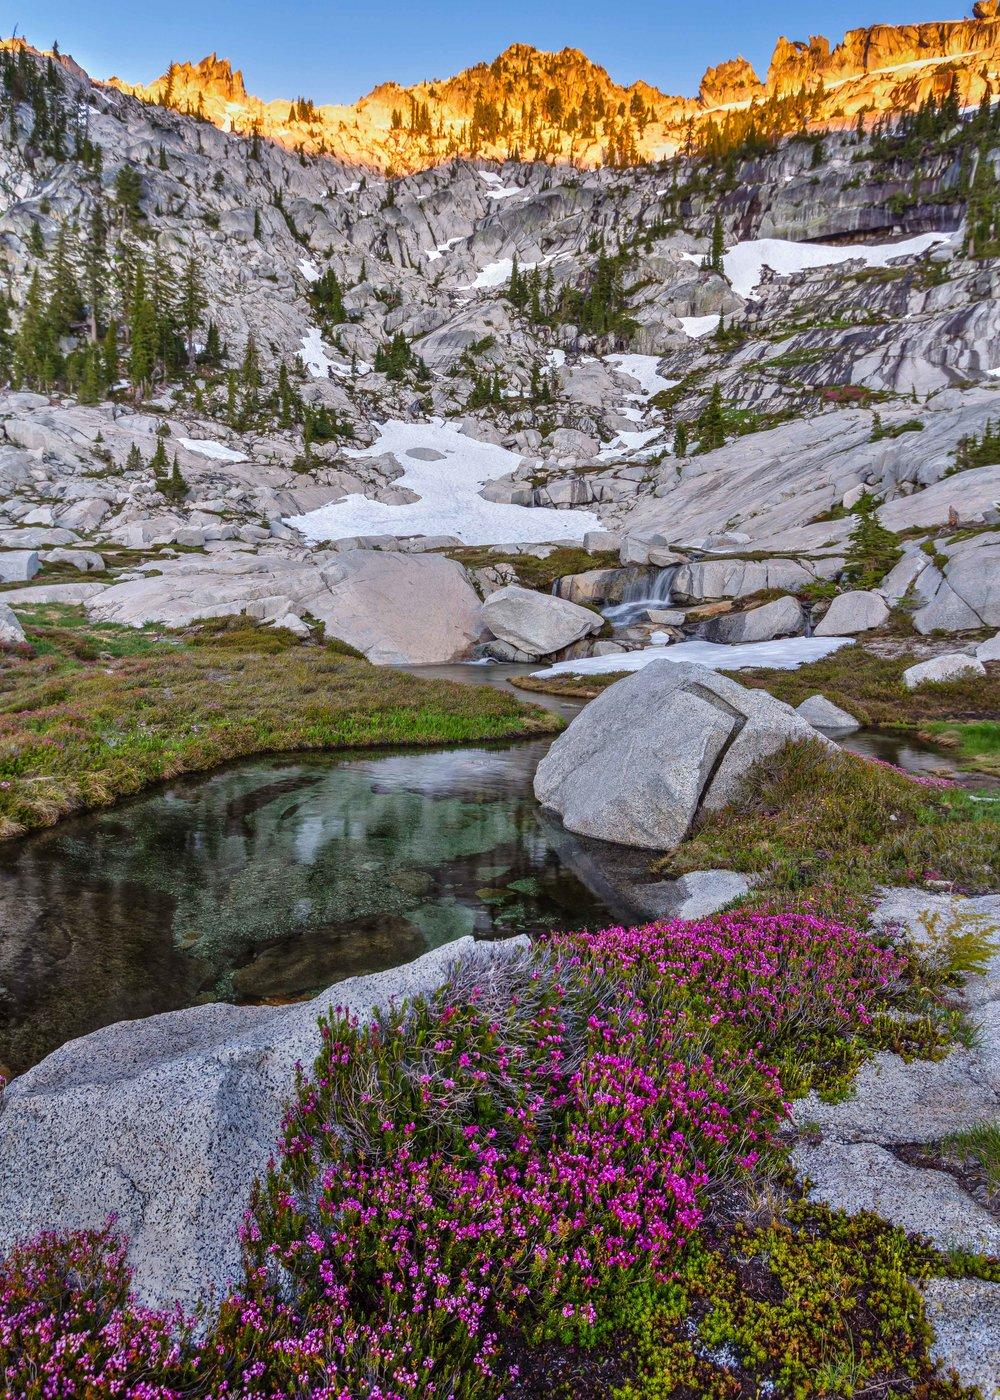 Trinity Alpenglow  Trinity Alps, California